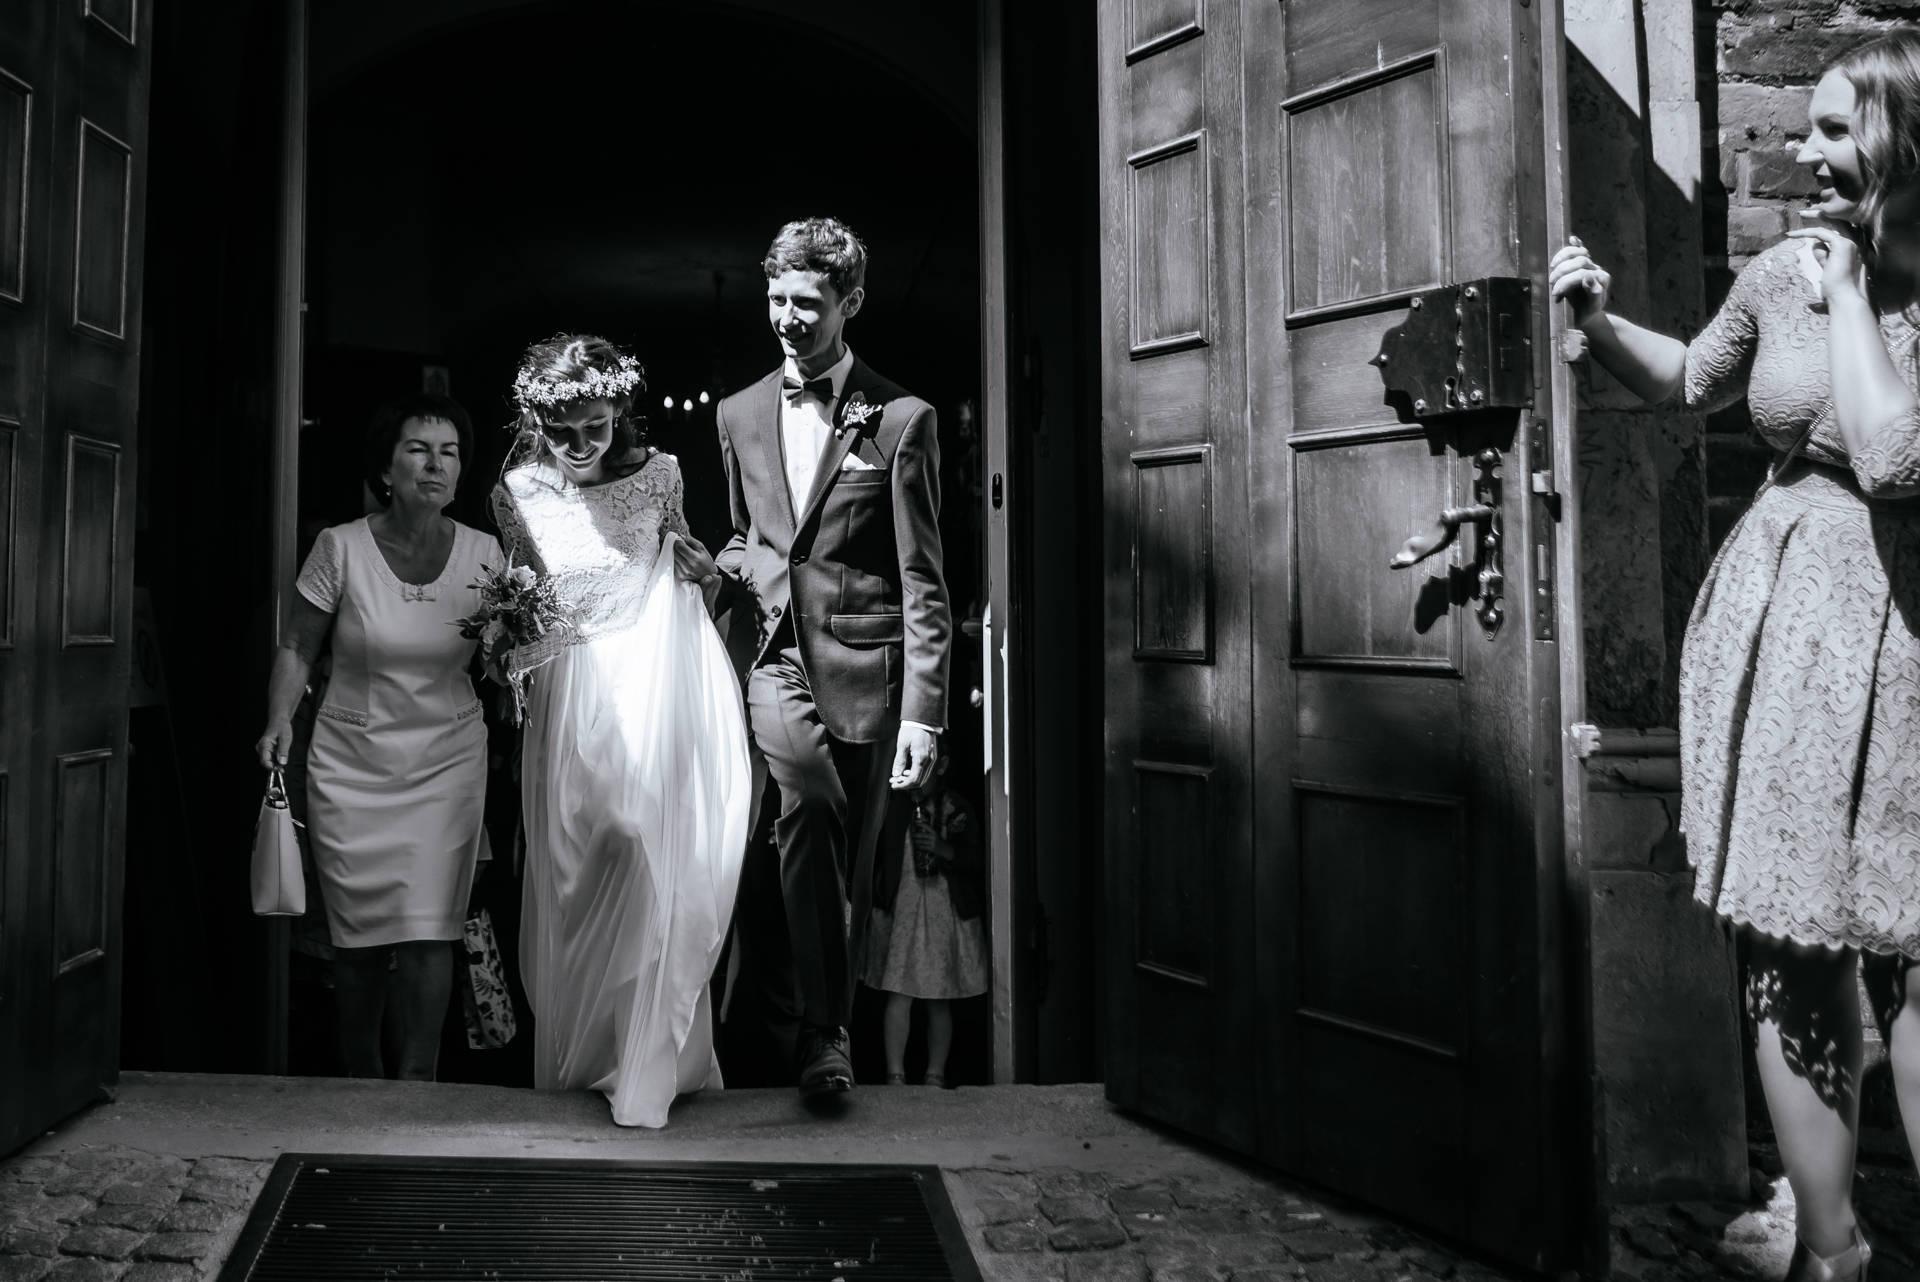 Fotografia ślubna Gdańsk - zdjęcia wykonane na ślubie i weselu w Gdańsku, w kościele św. Mikołaja u Dominikanów i w hotelu w Gdańsku Wrzeszczu